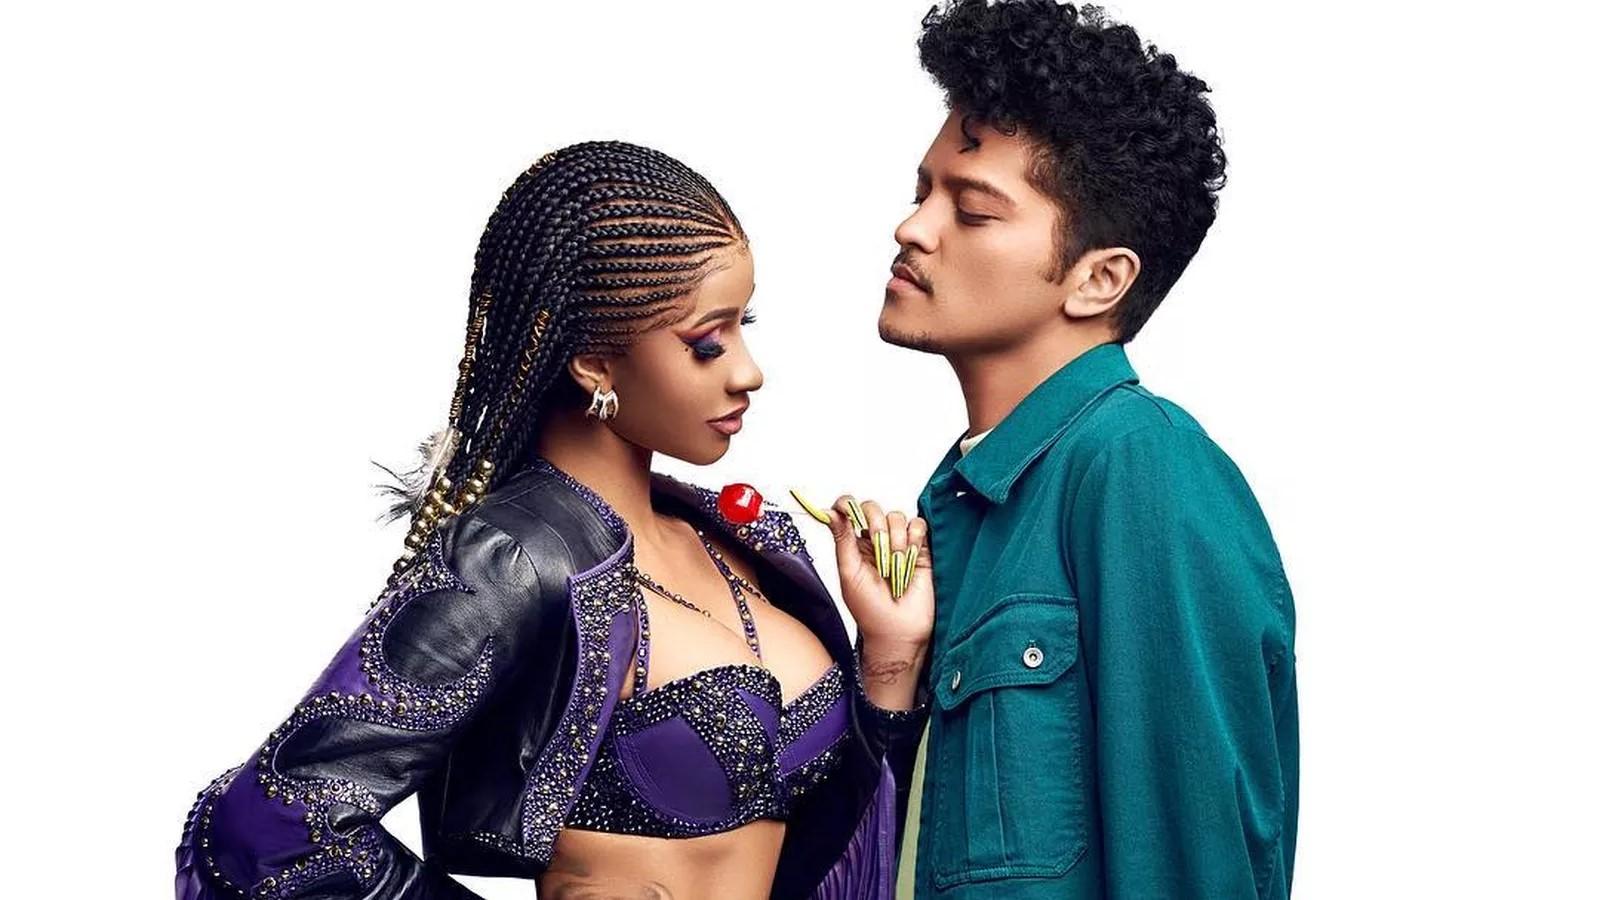 Grammy 2019 Ganhadores: Cardi B E Bruno Mars Repetem Parceria E Lançam 'Please Me